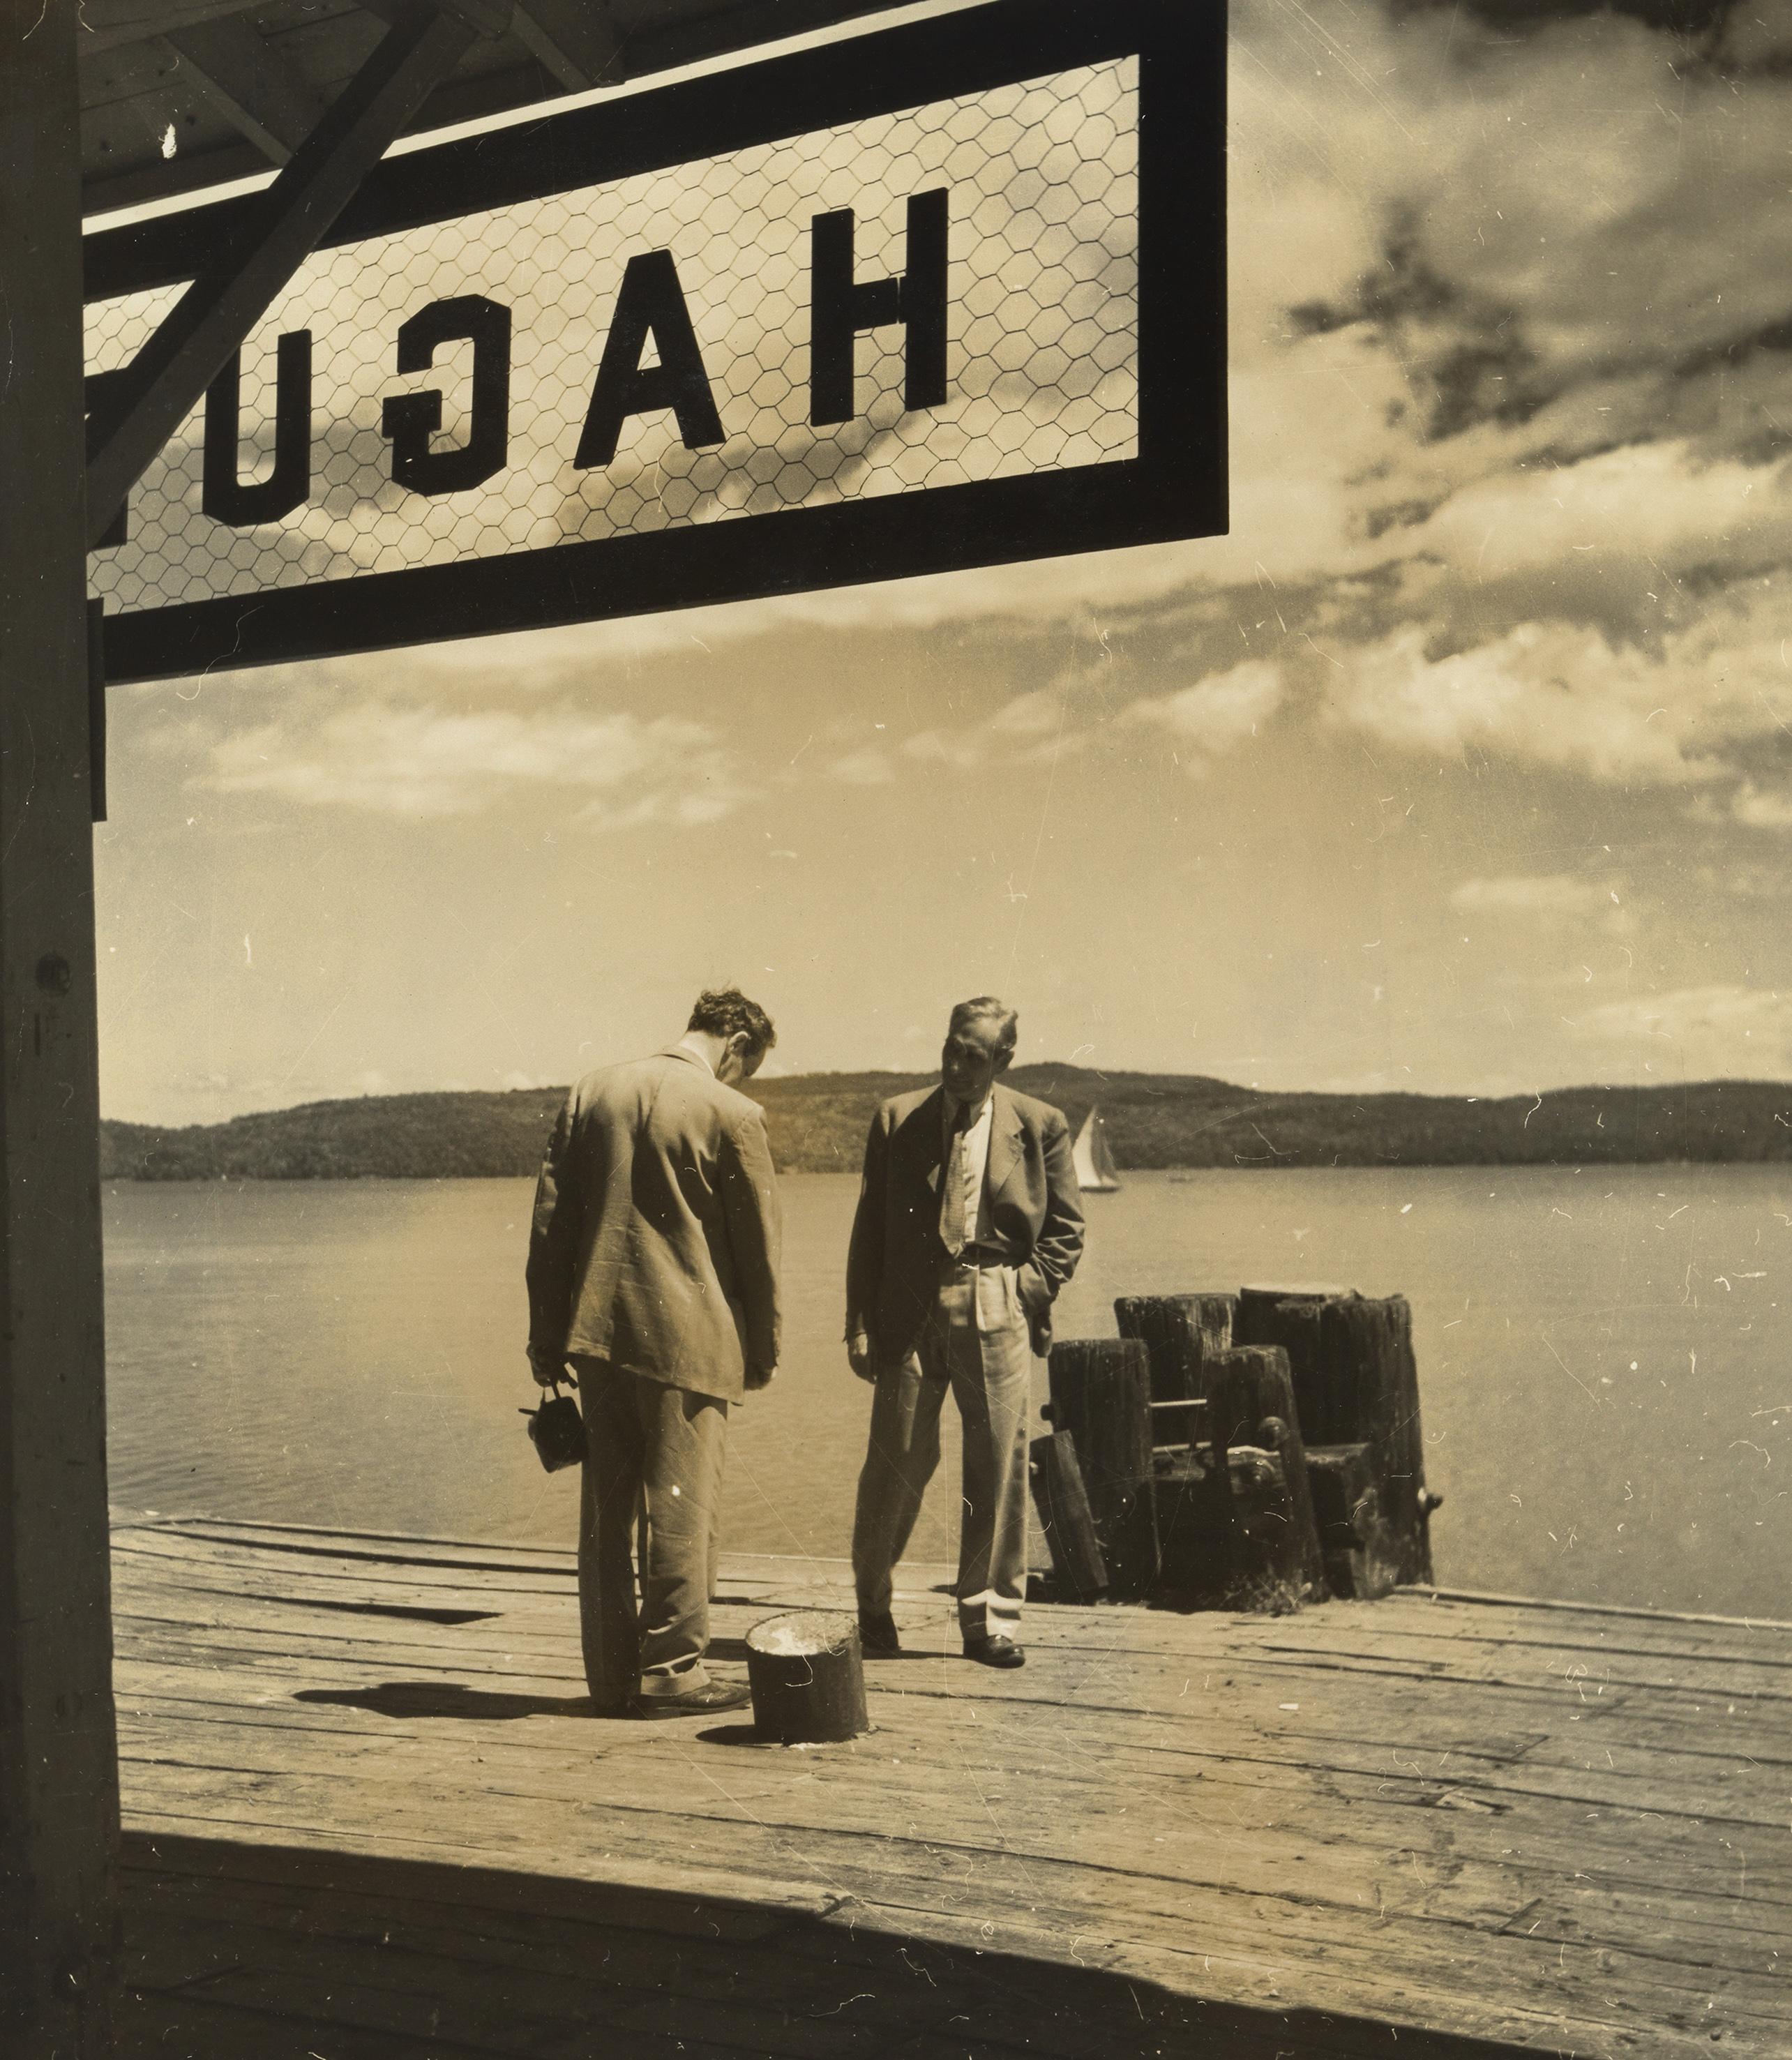 Két férfi a mólón. USA, 1940-es évek. Robert Haas © Wien Museum/Sammlung Robert Haas